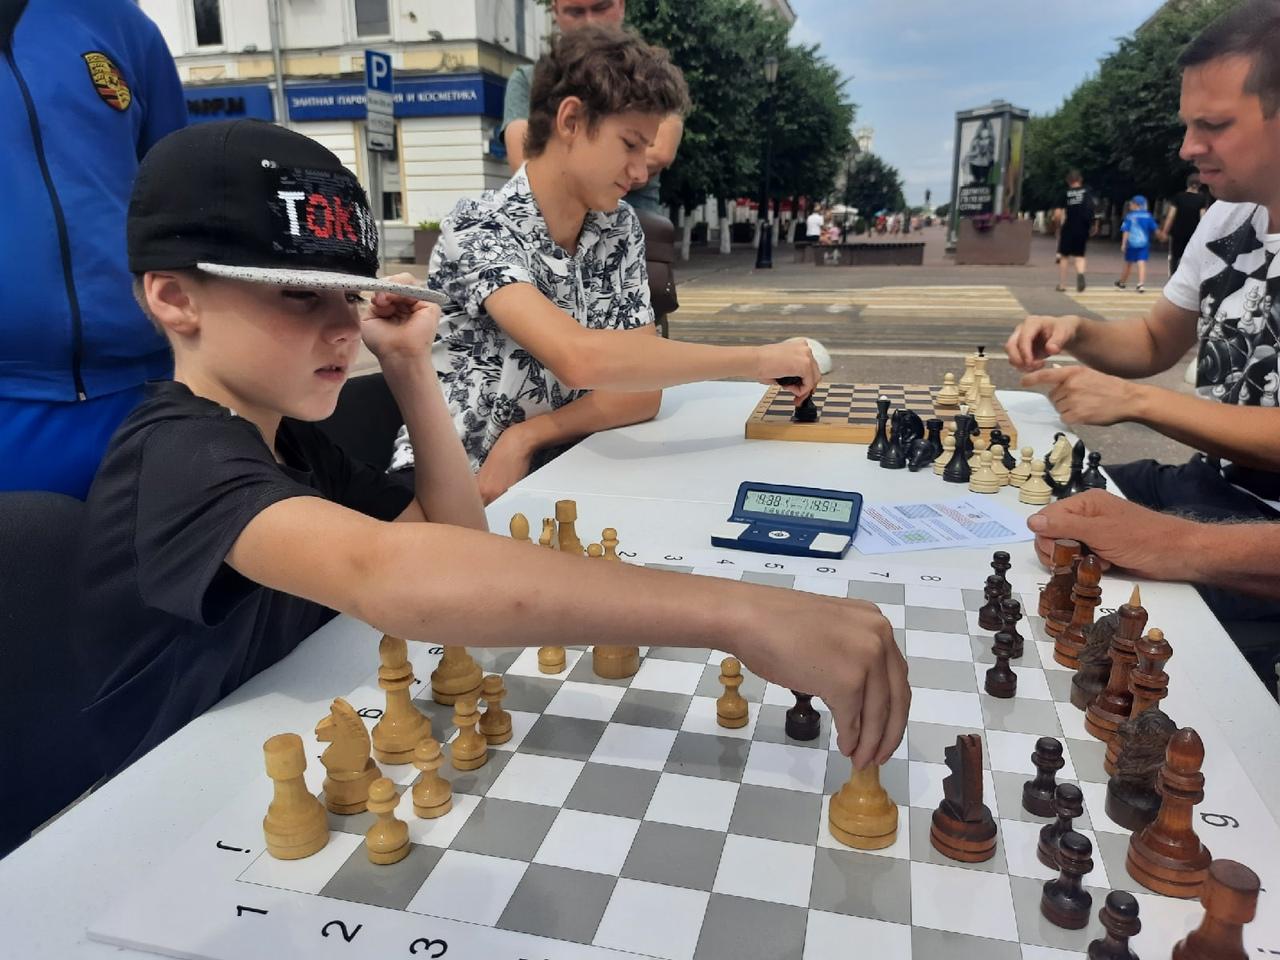 В Твери возрождают игру в медвежьи шахматы